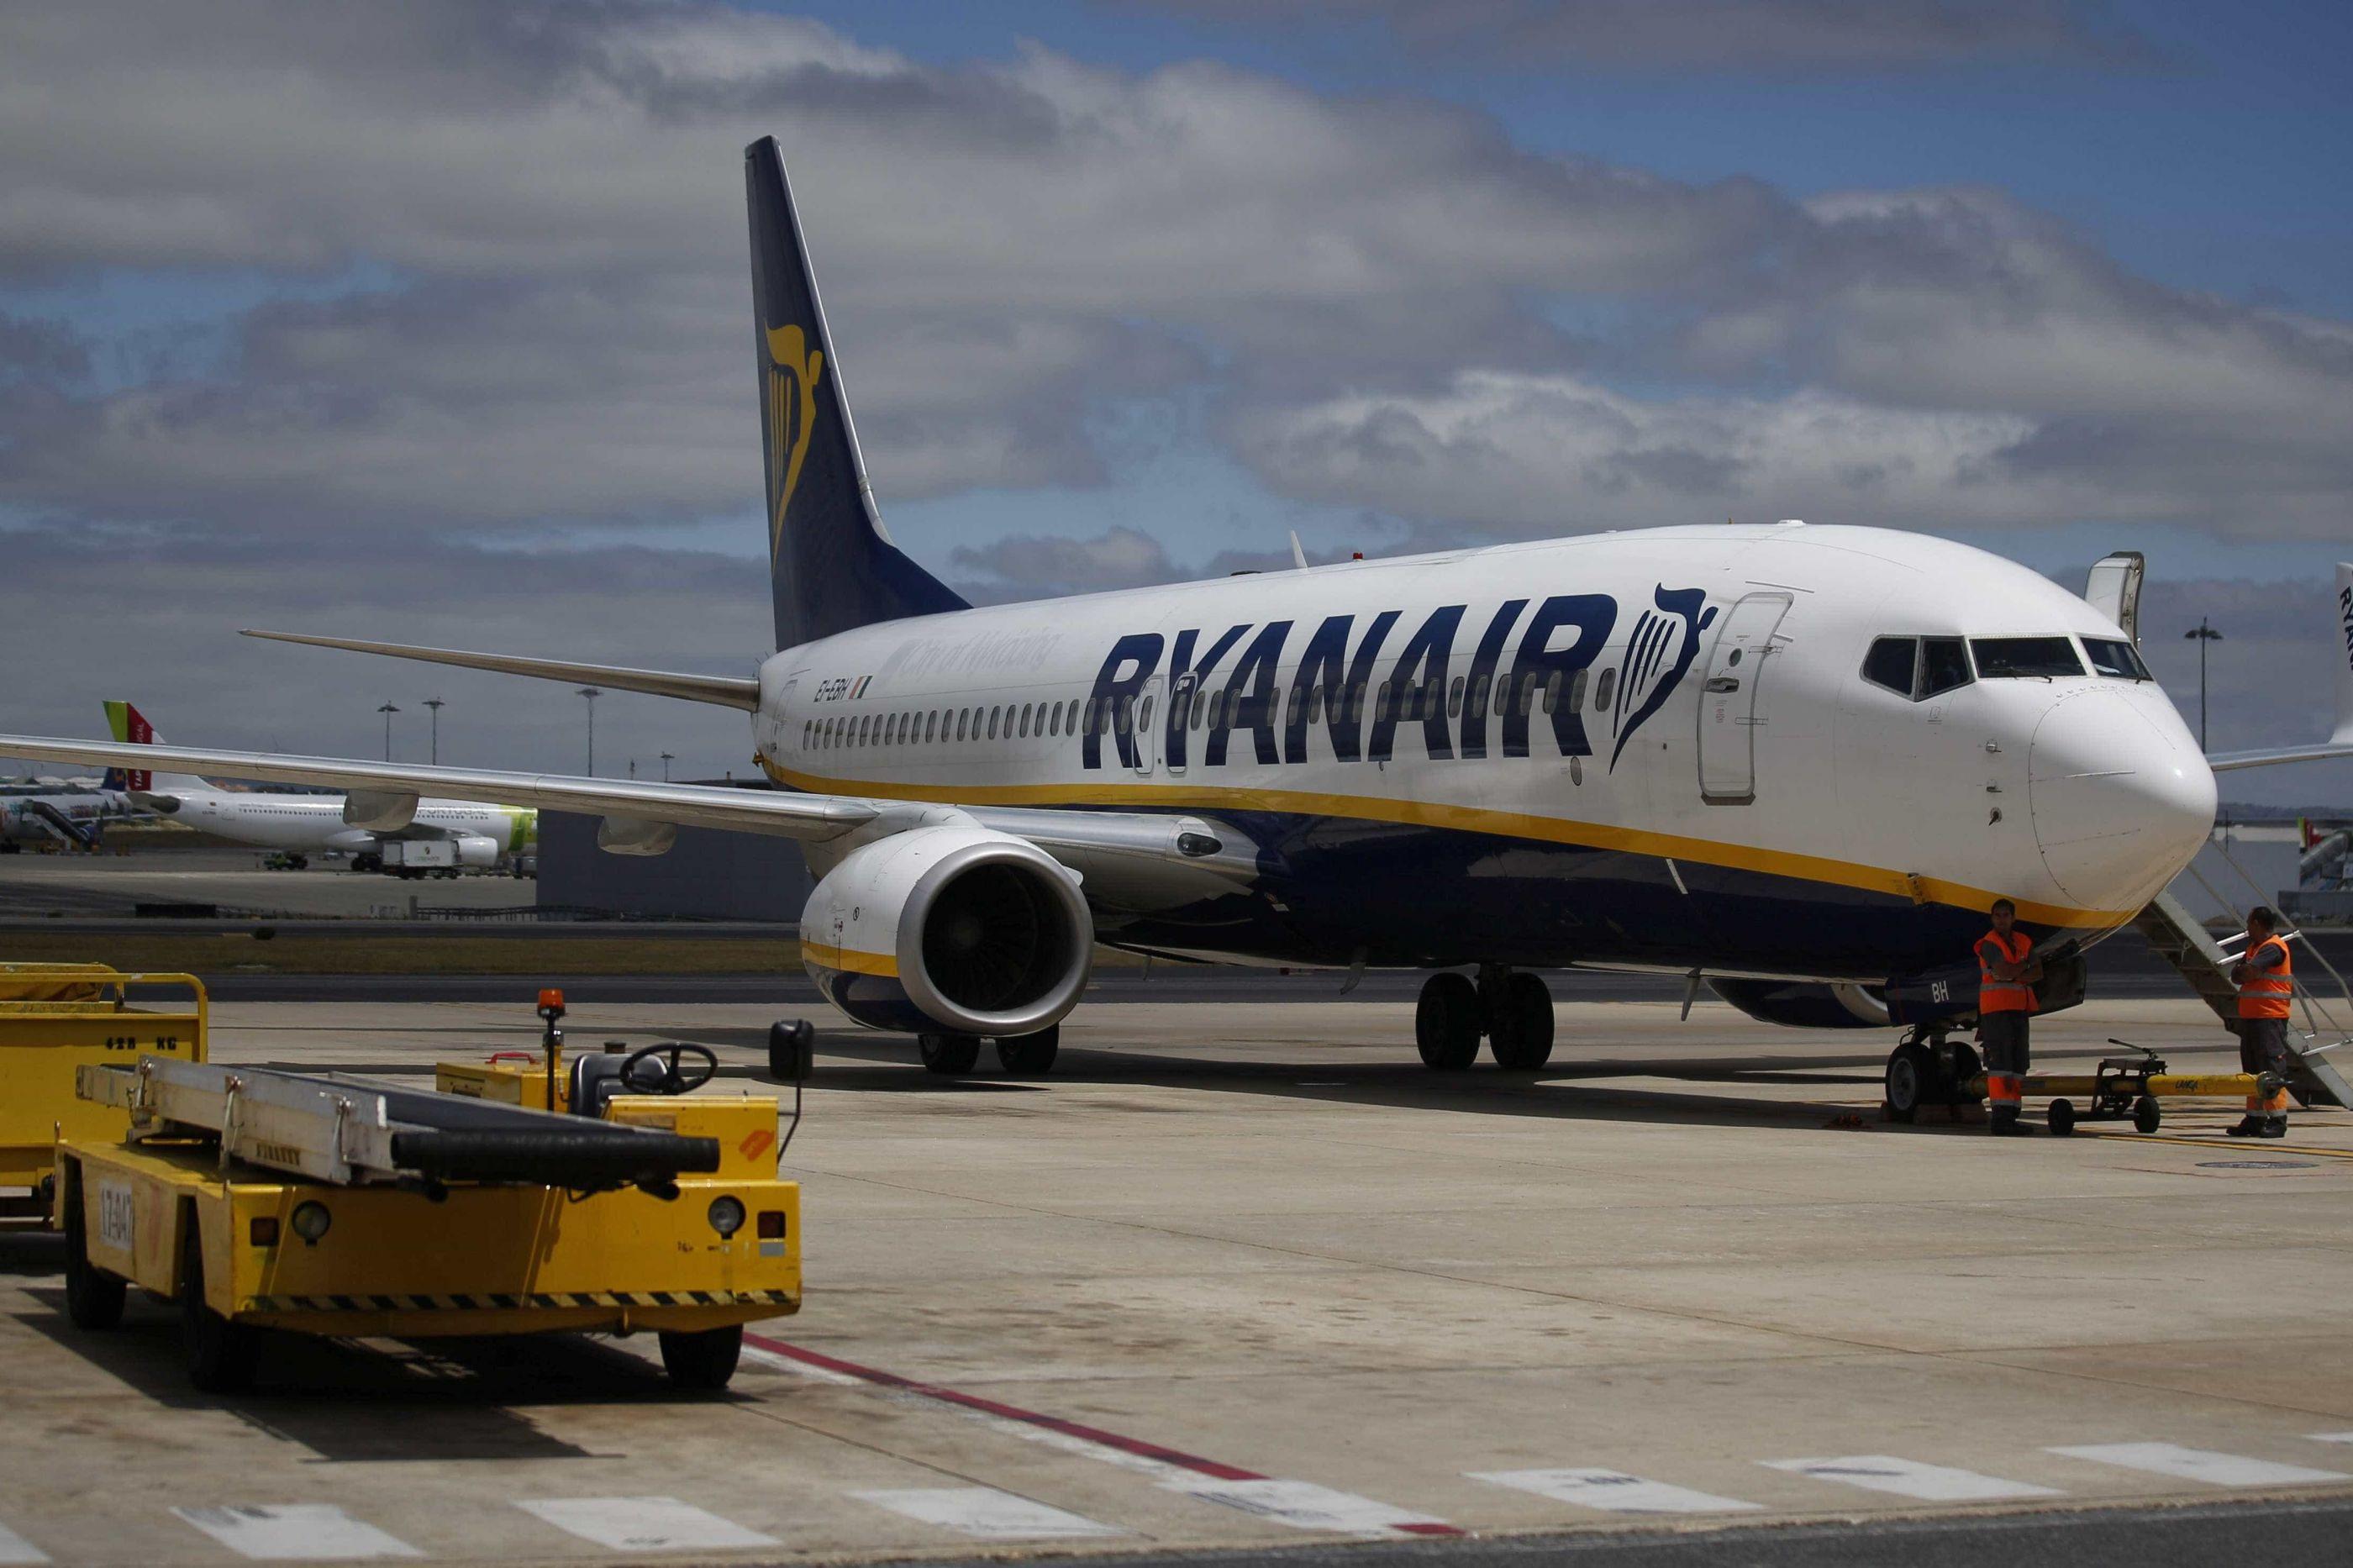 Greve na Ryanair e Groundlink com adesão a rondar 90%